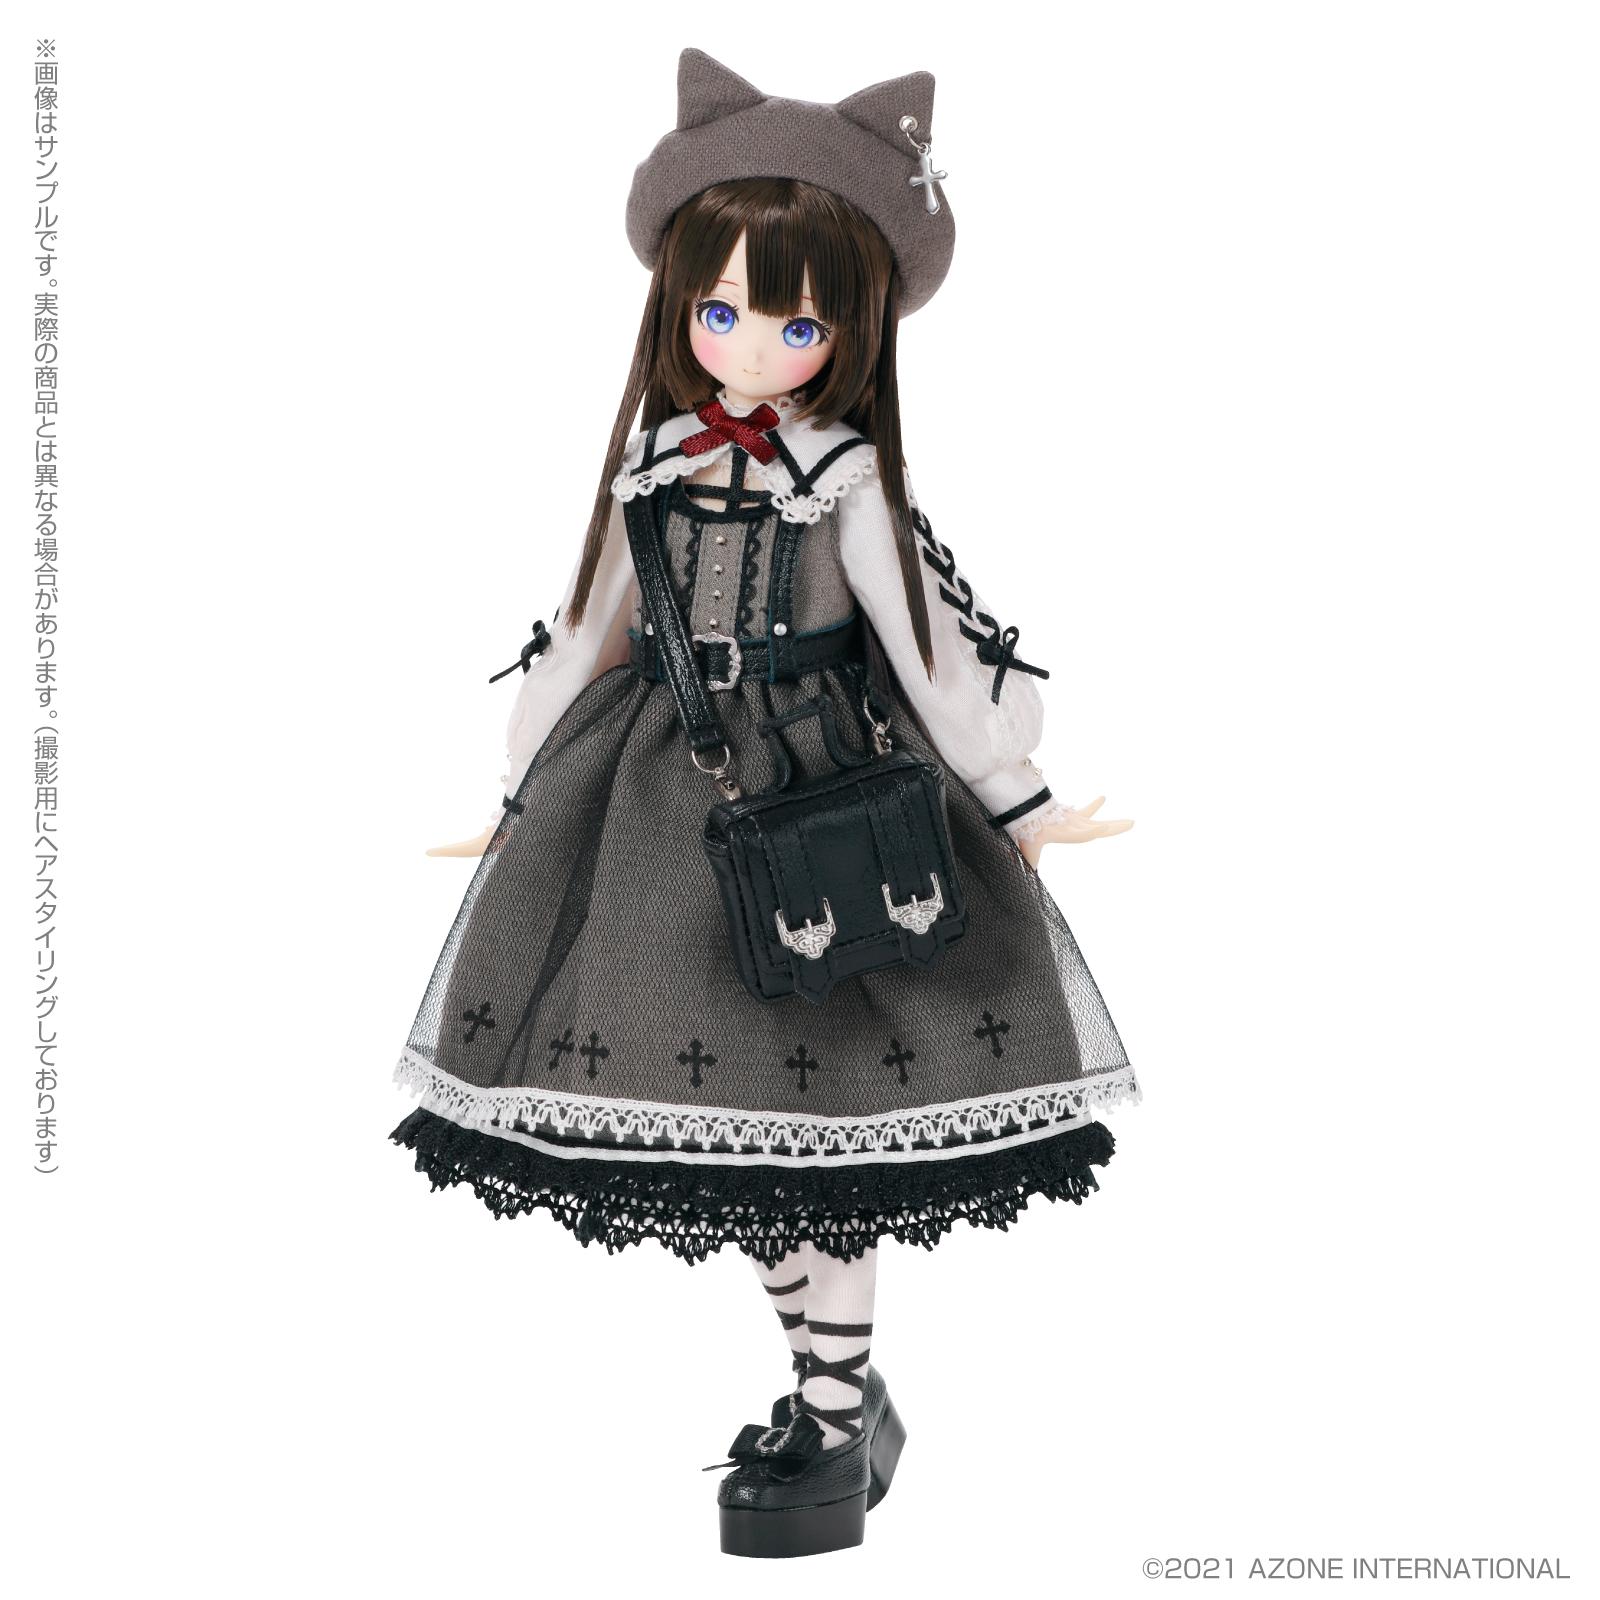 ルミナス*ストリート『みい/Mii ~Cat walking path~(通常販売ver.)』Luminous*Street 1/6 完成品ドール-004